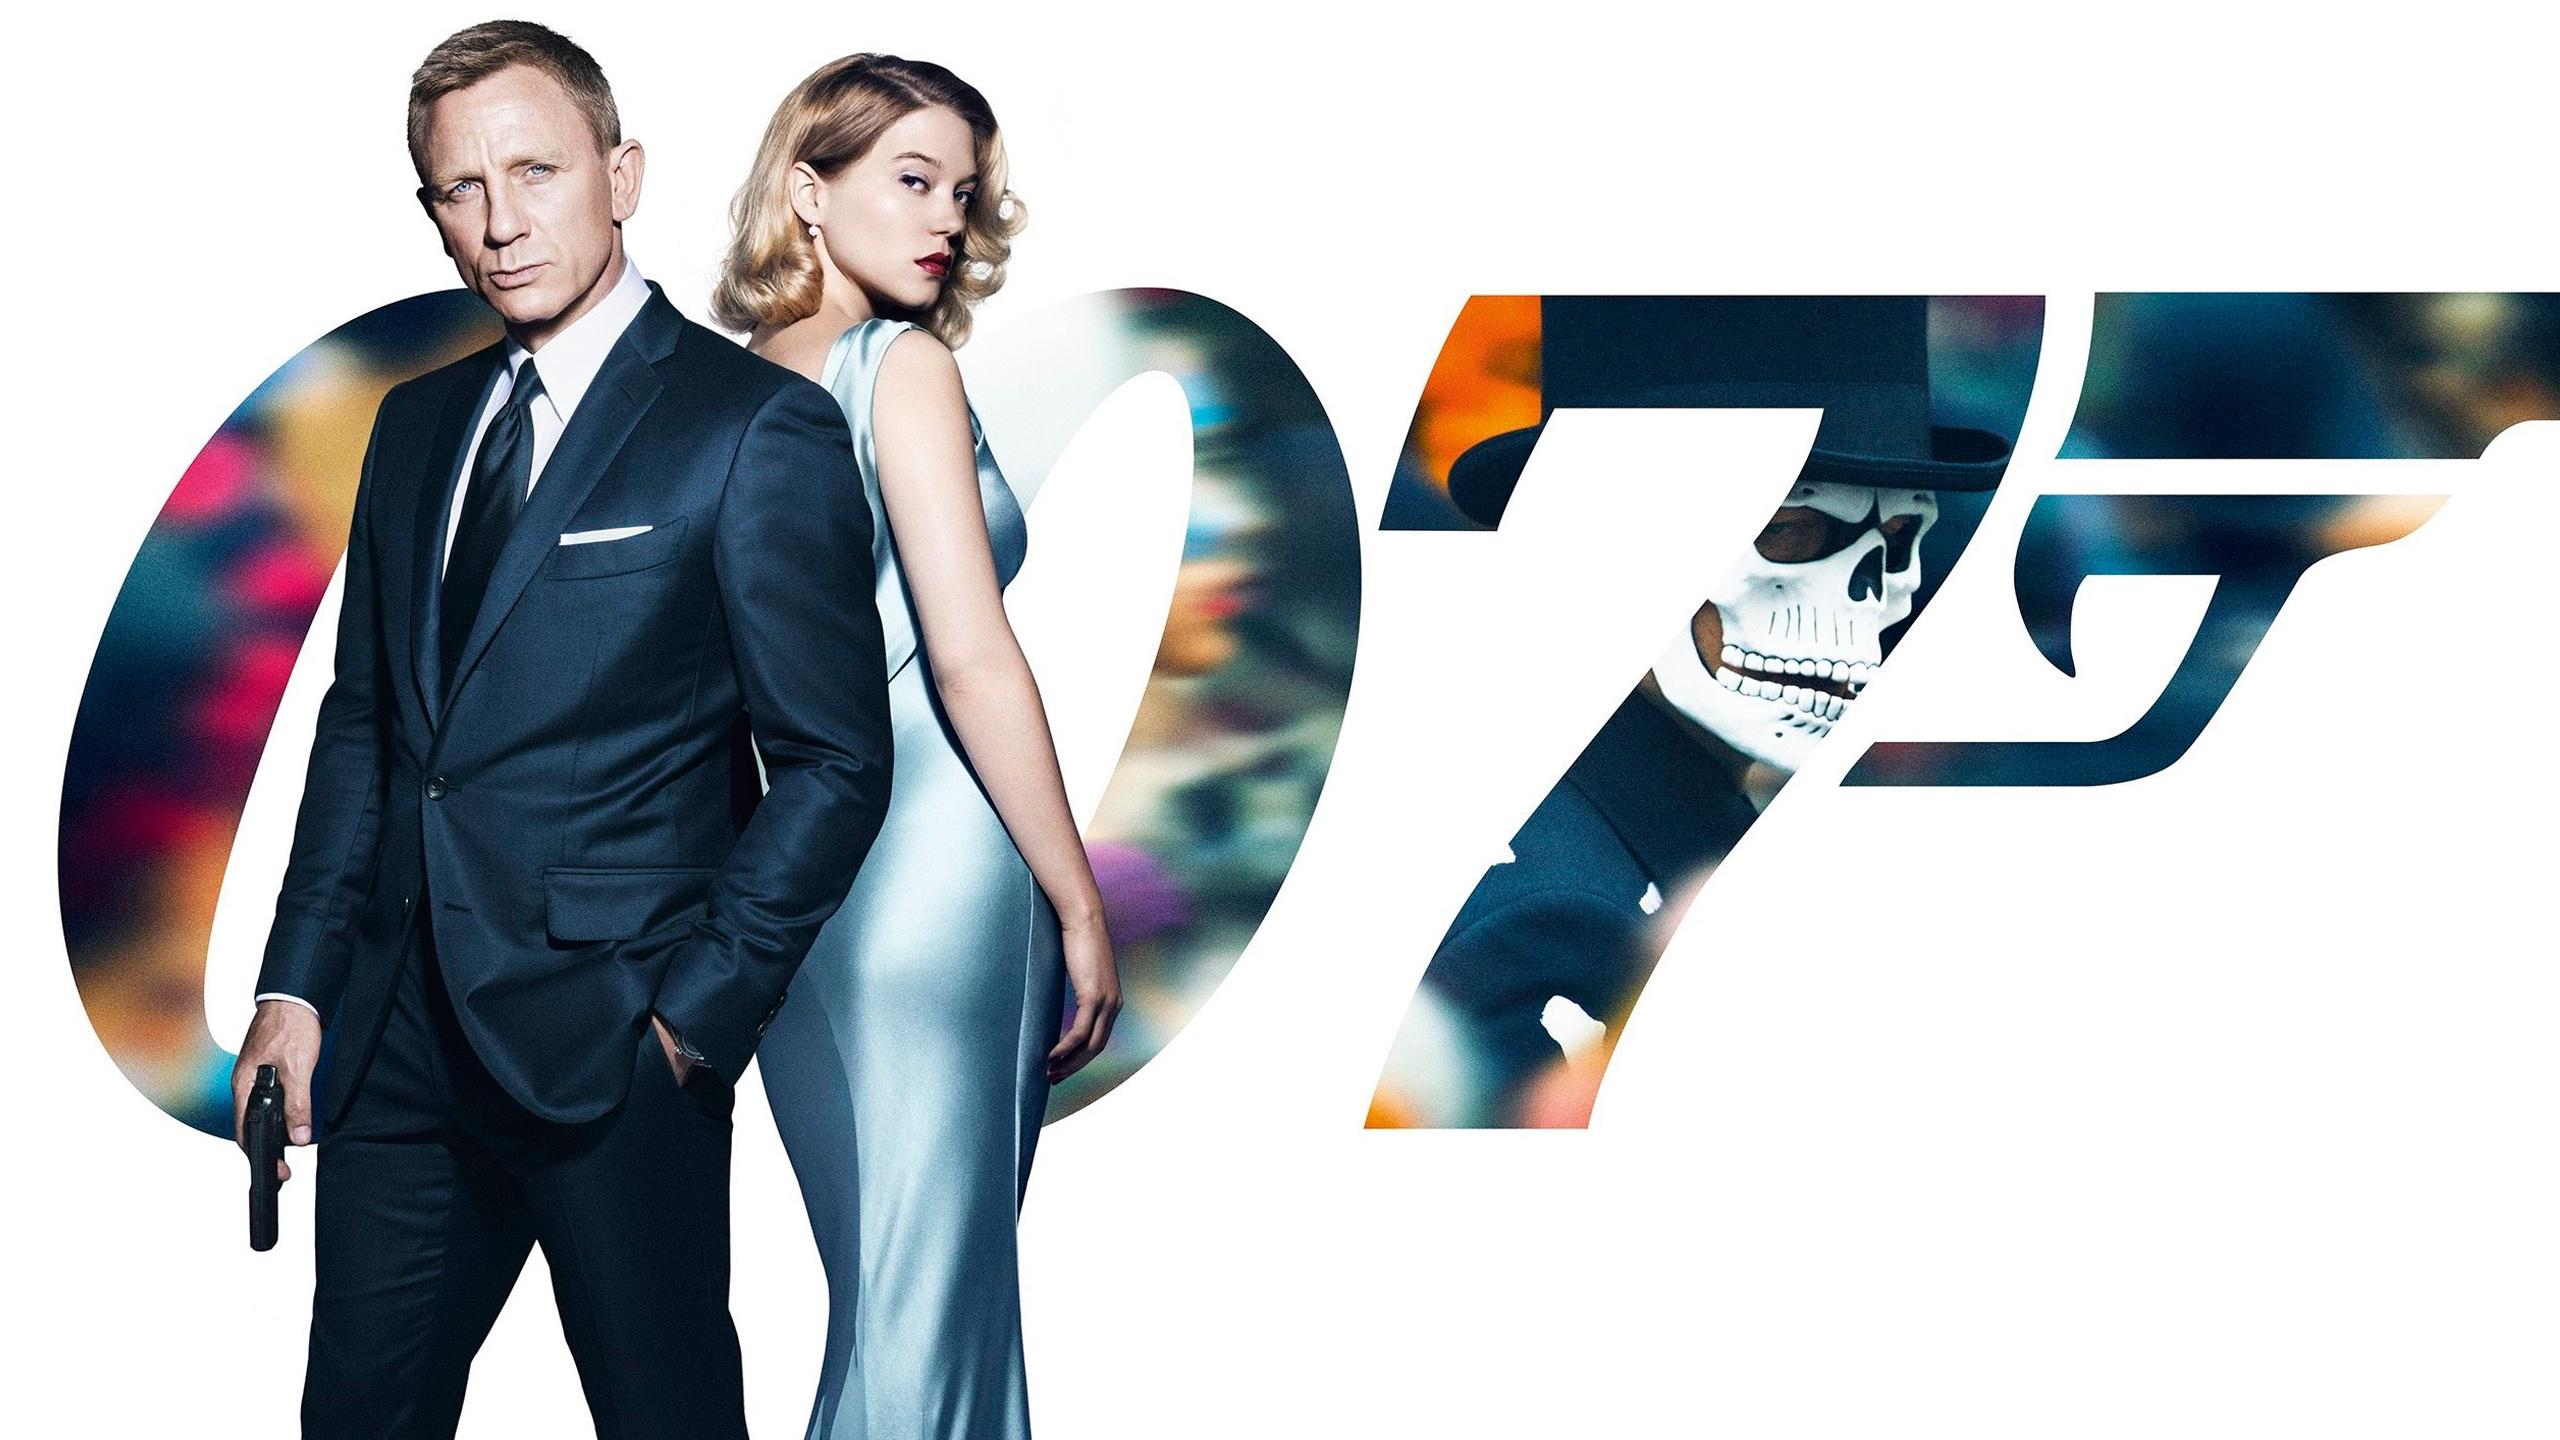 Spectre bond movie. обои скачать